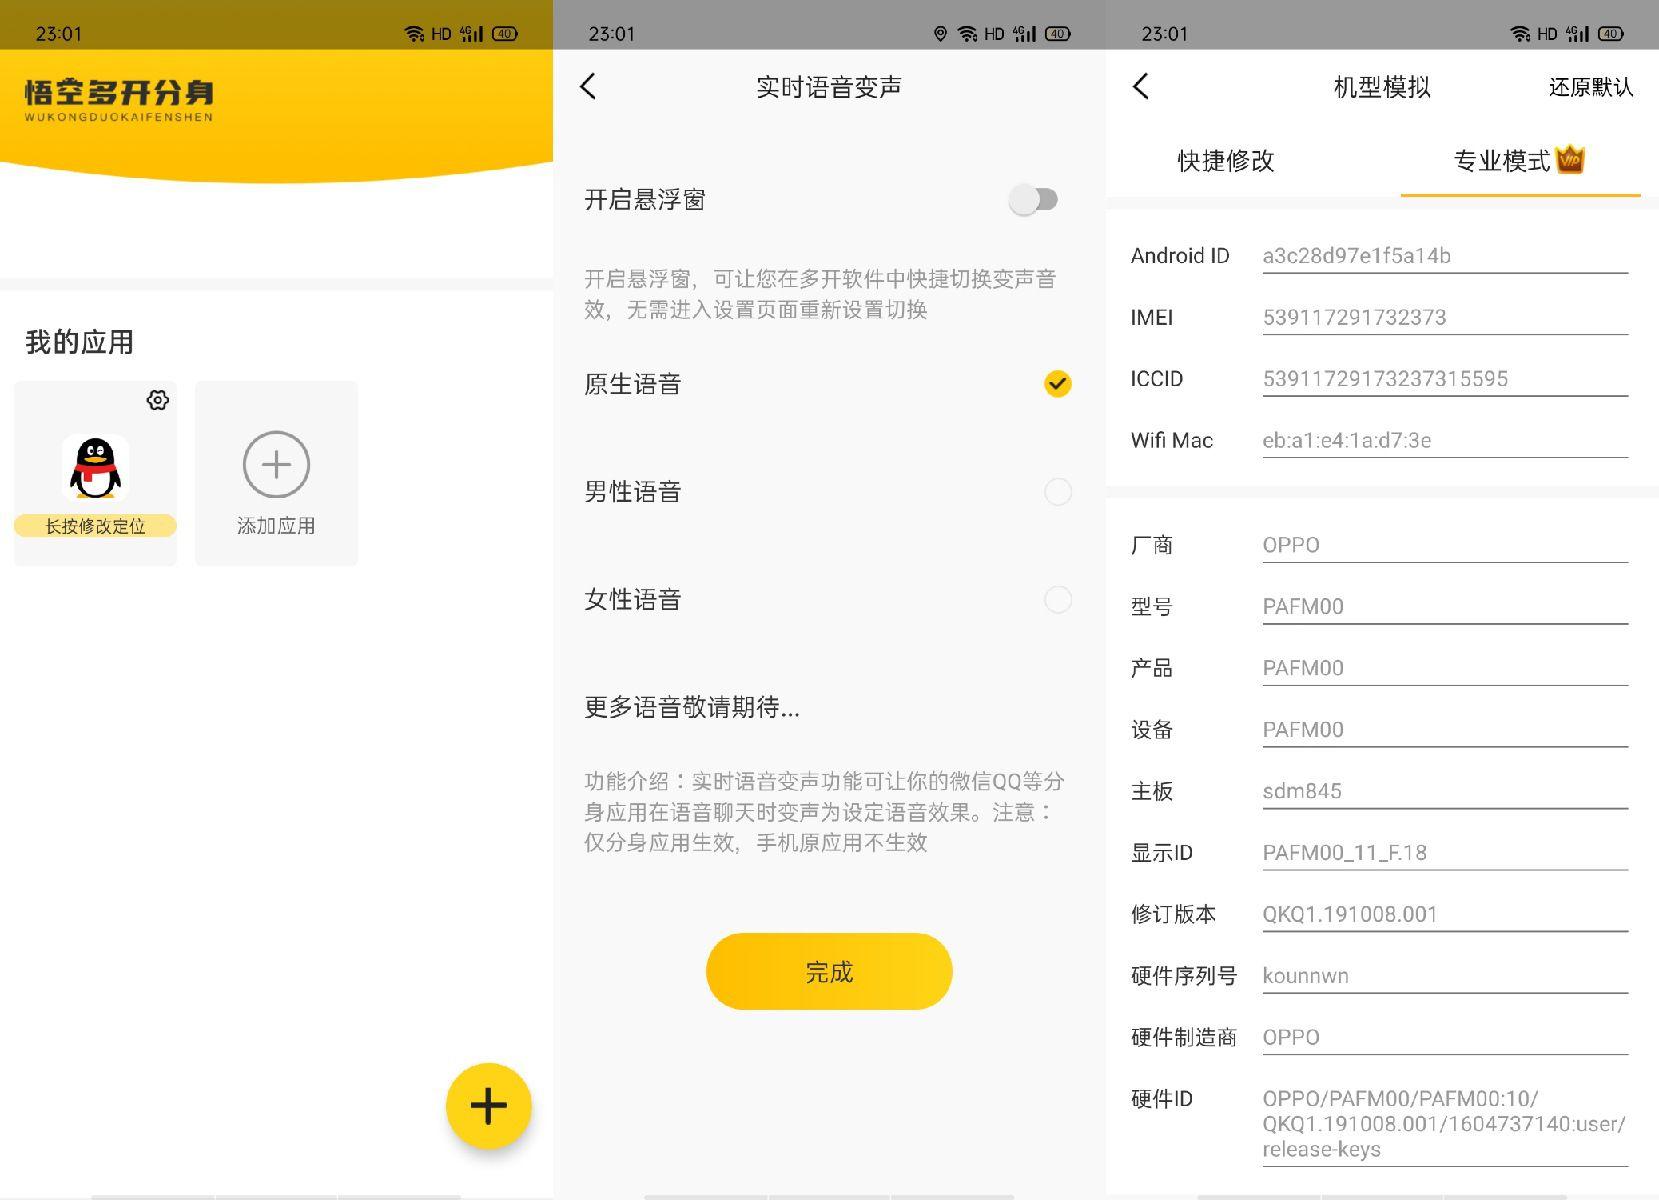 安卓悟空多开分身V1.5.1解锁直装版解锁VIP